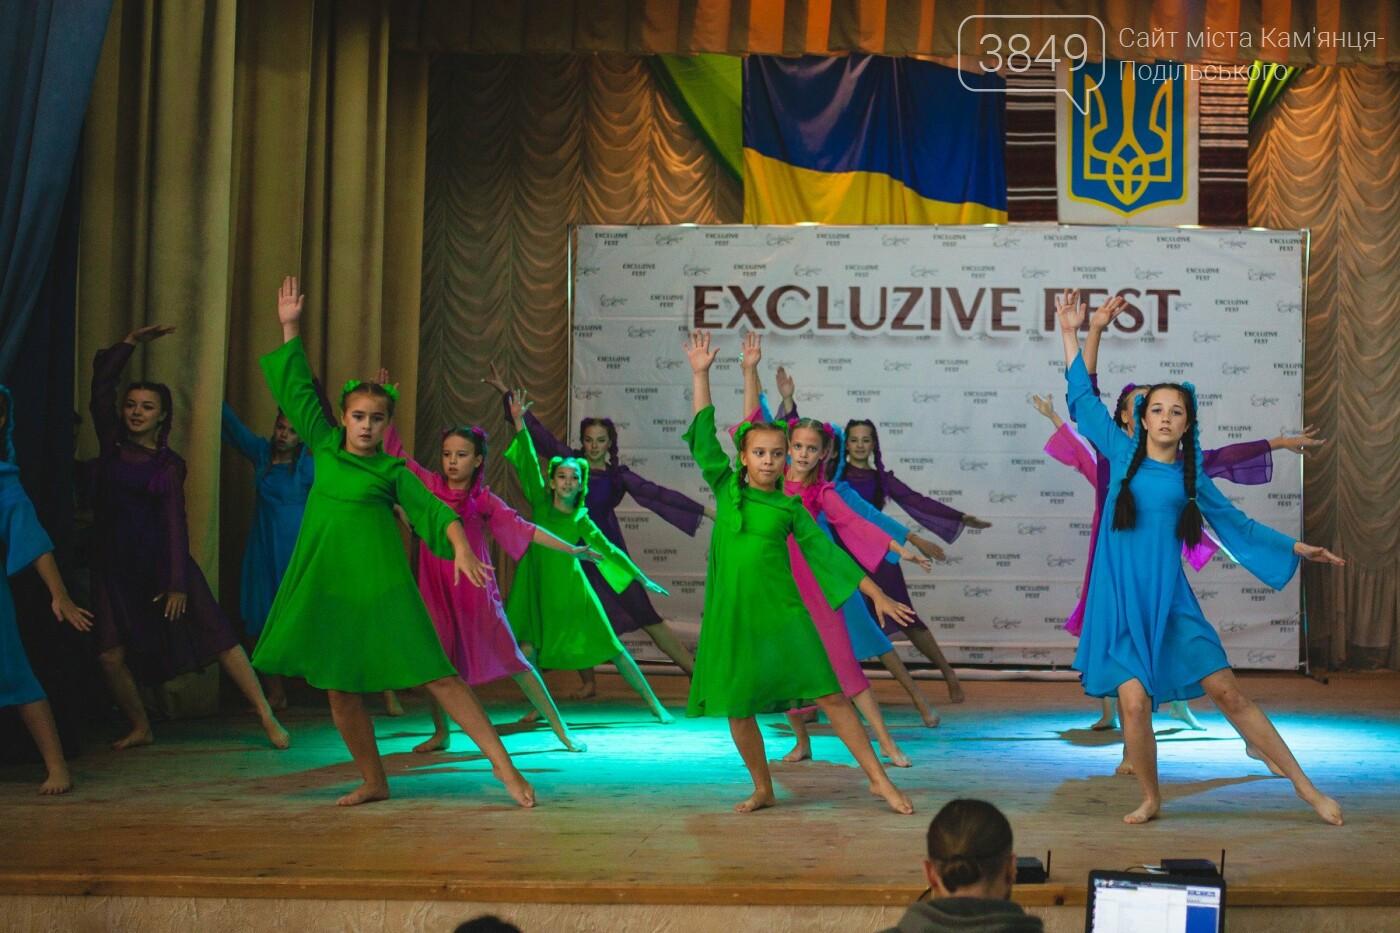 Юні кам'янецькі танцюристи завоювали чотири I місця та Гран-прі найбільшого фестивалю Західної України, фото-10